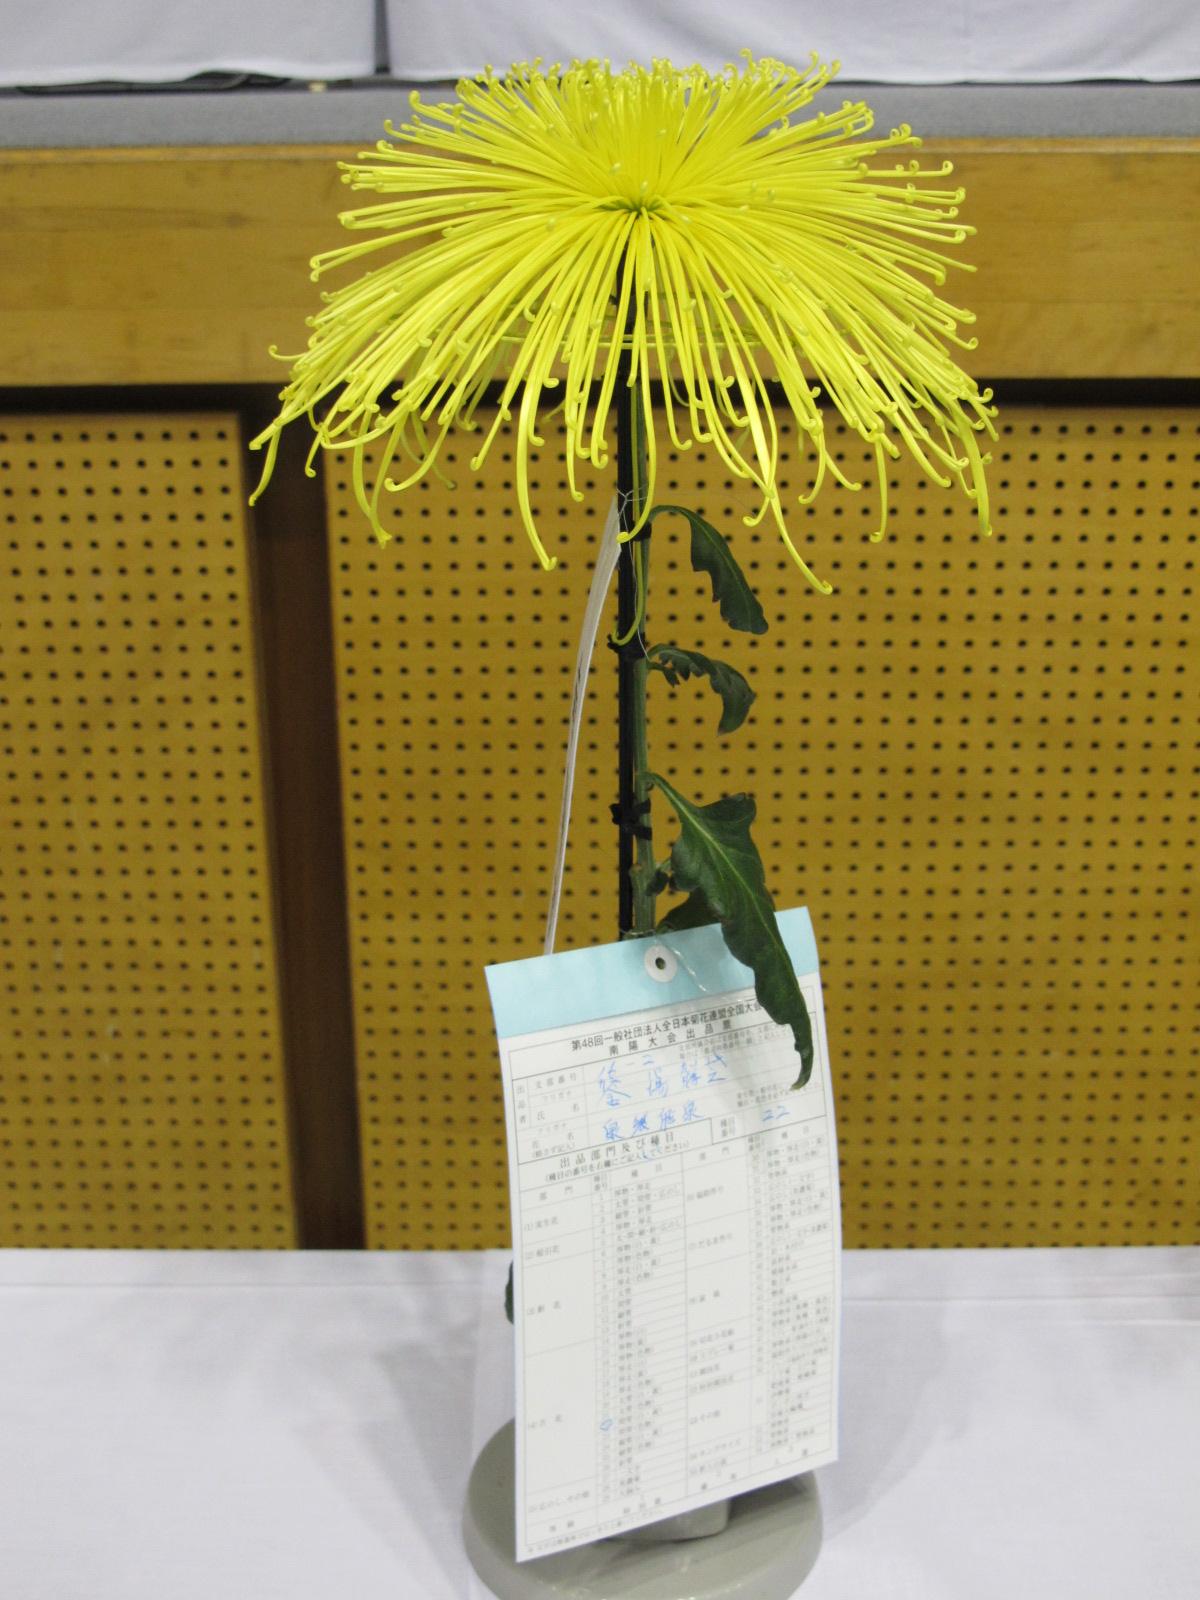 第100回 南陽の菊まつり展(10)_c0075701_1833322.jpg